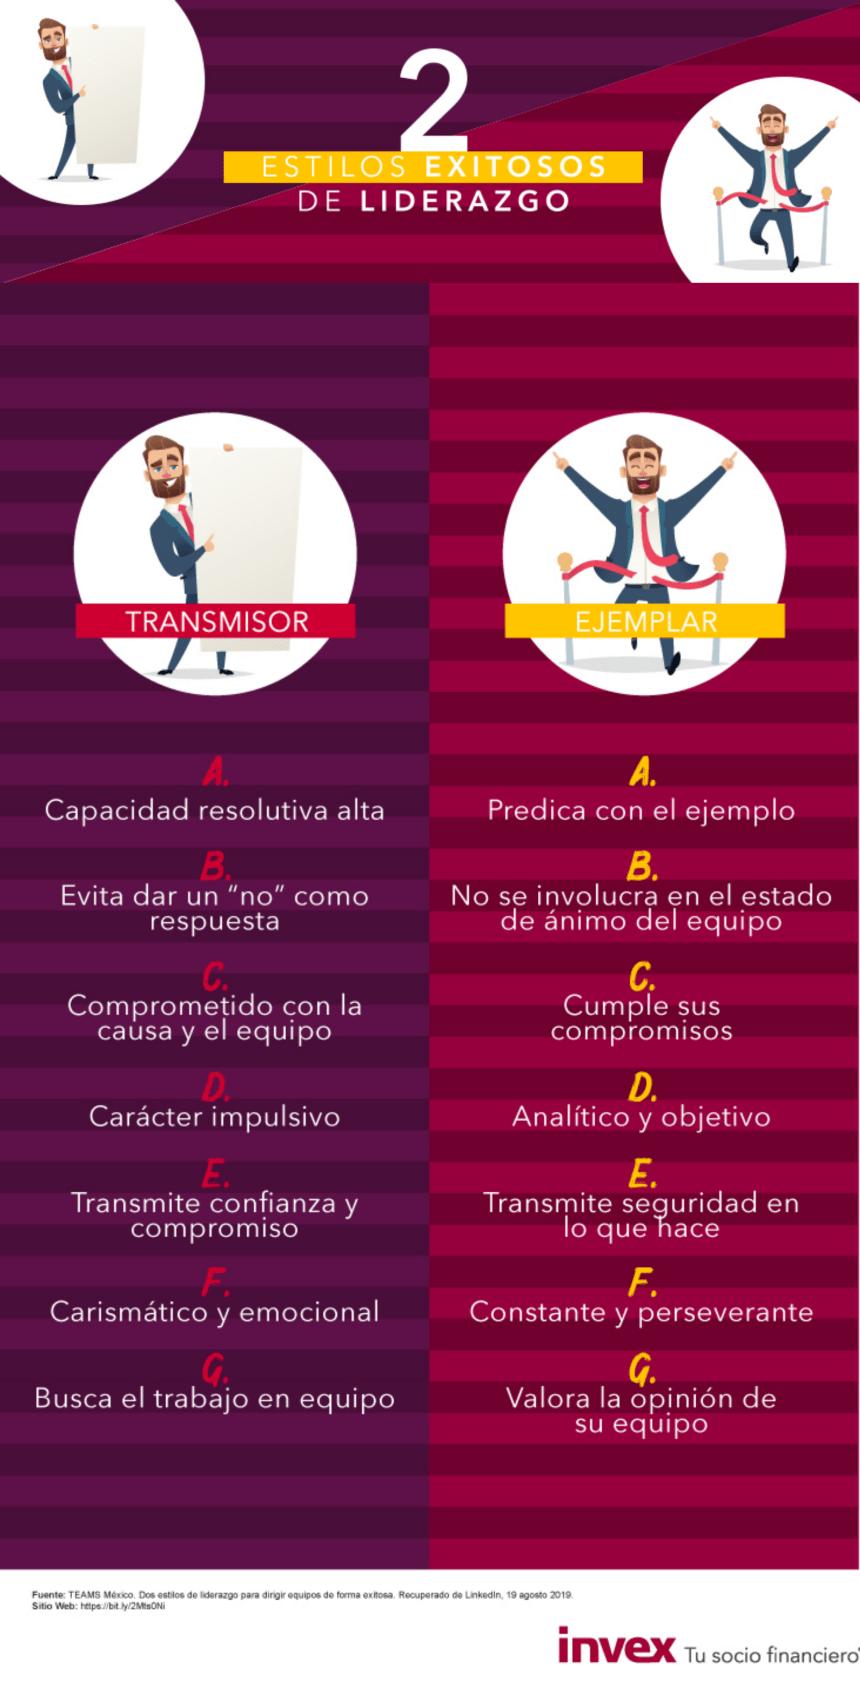 2 estilos exitosos de Liderazgo